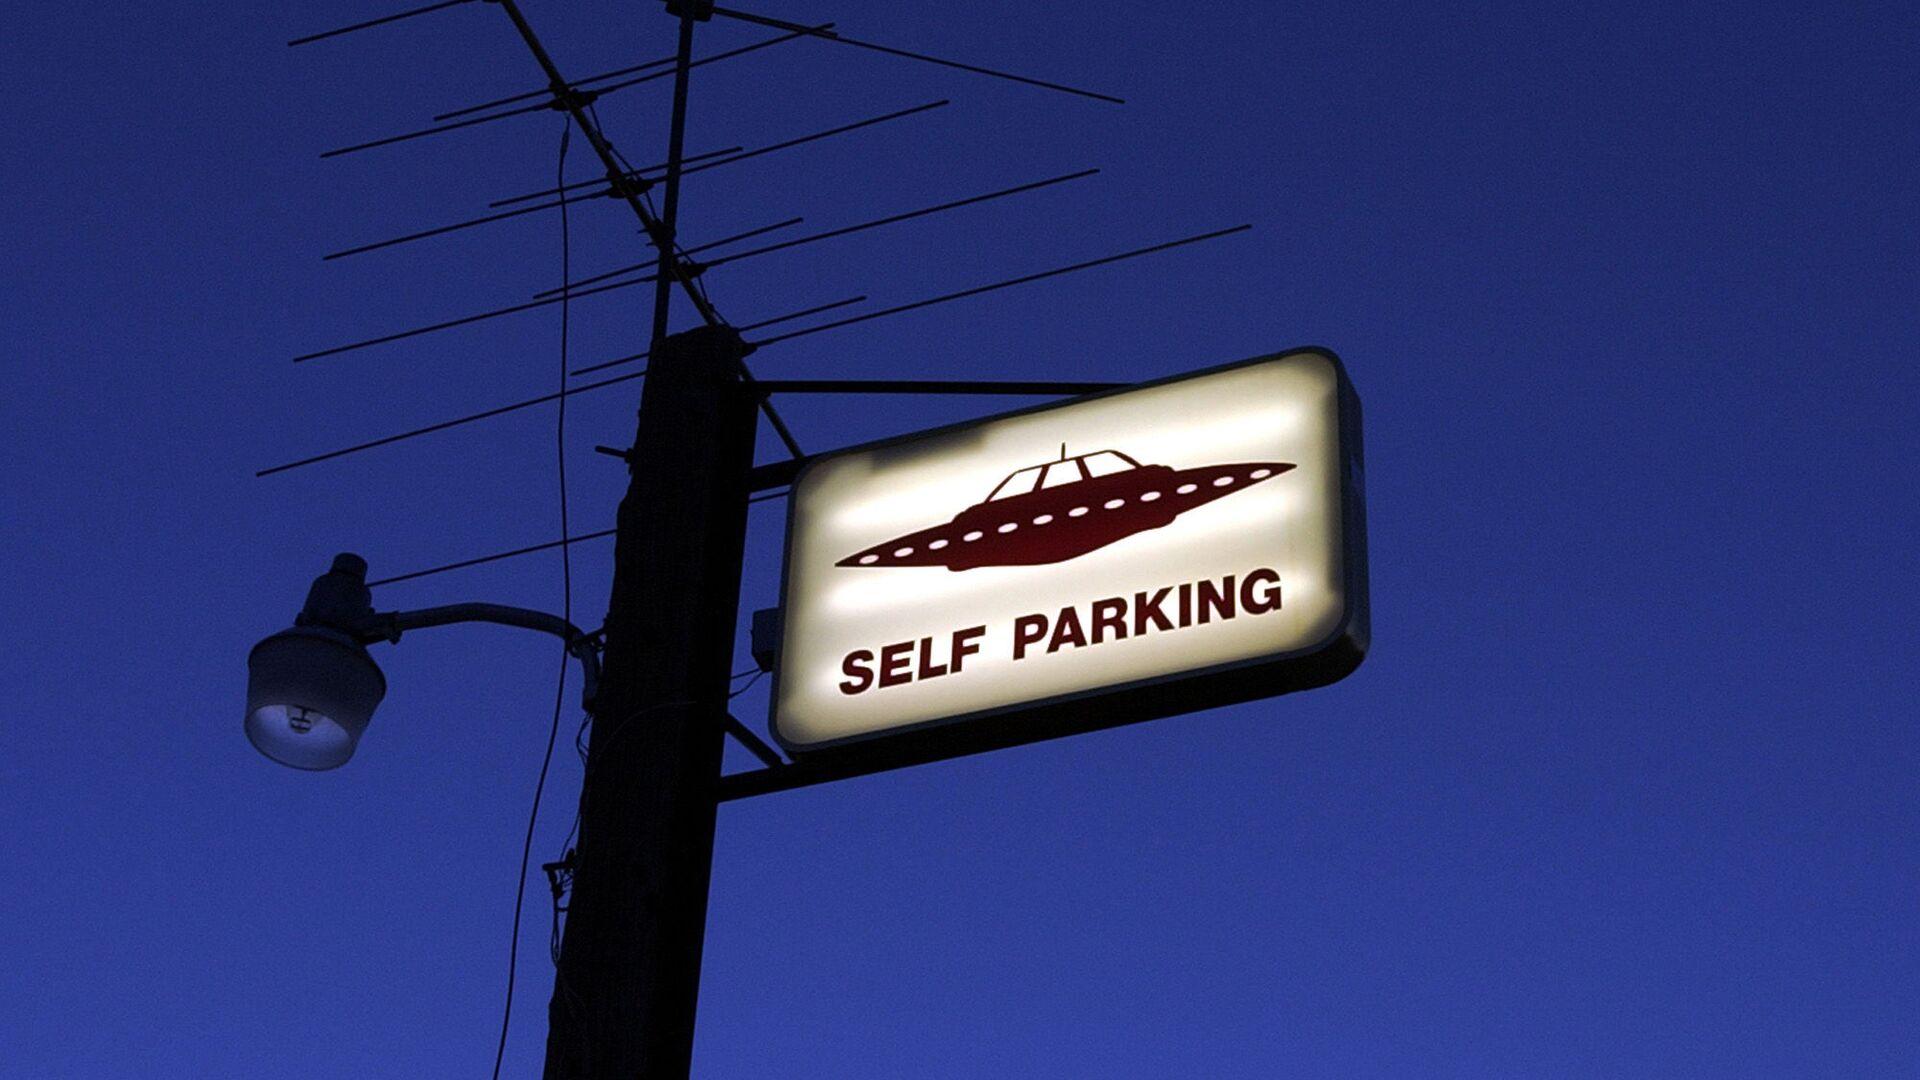 Знак самостоятельной парковки для НЛО рядом с Зоной 51 в американском штате Невада - Sputnik Česká republika, 1920, 09.06.2021